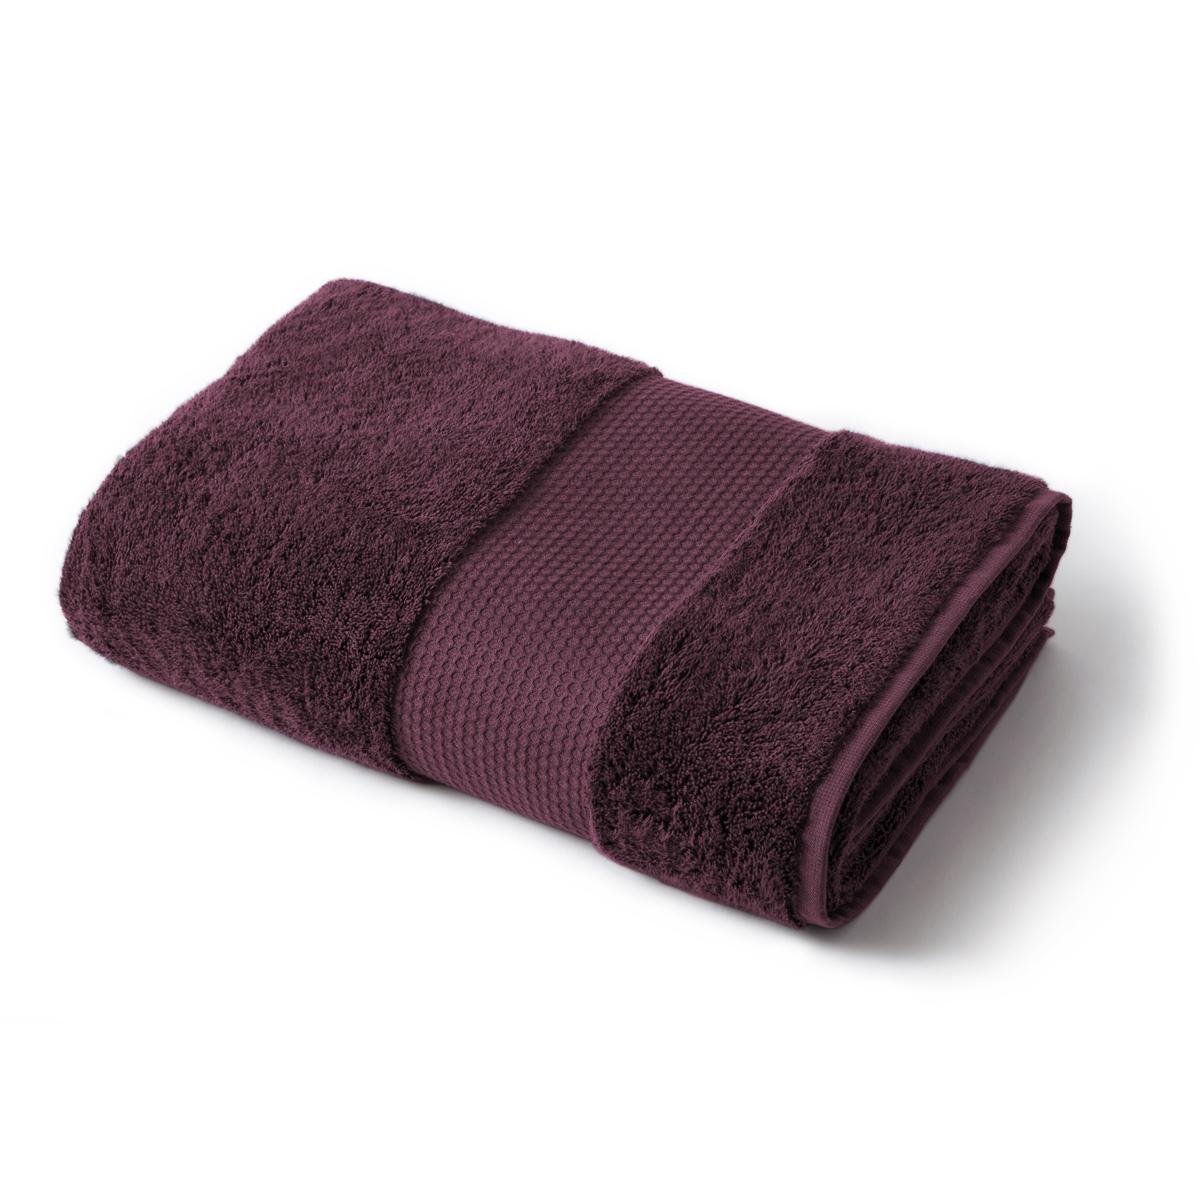 Towel Plain 600g bordeaux | Linge de lit | Tradition des Vosges